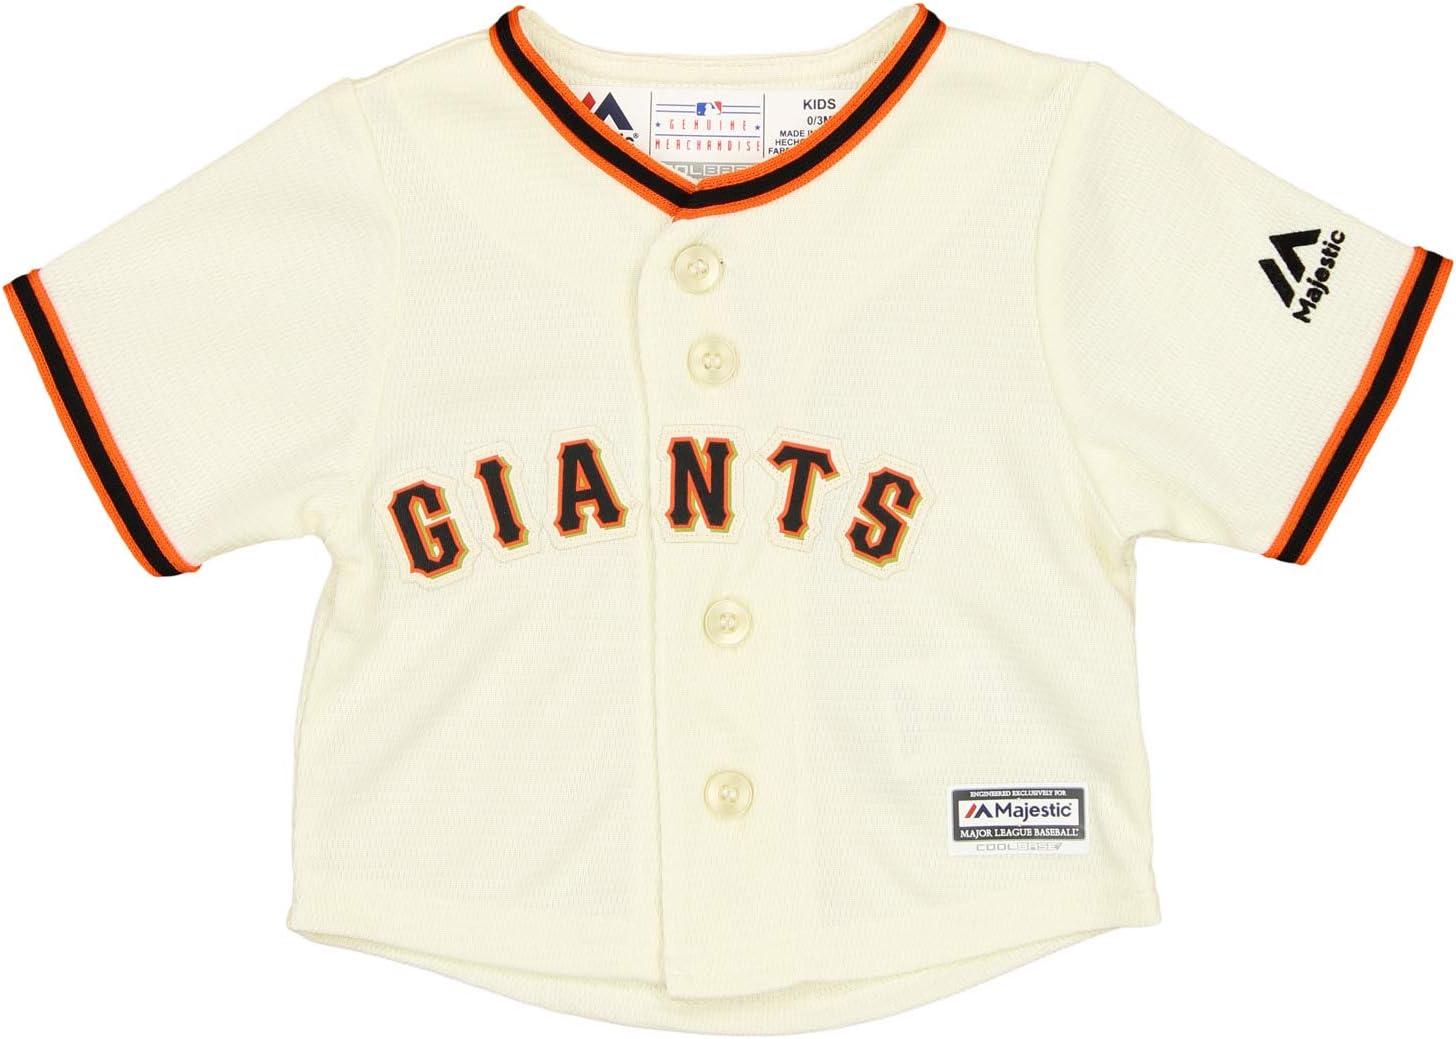 OuterStuff MLB Infants Home Team Jersey, Team Variation